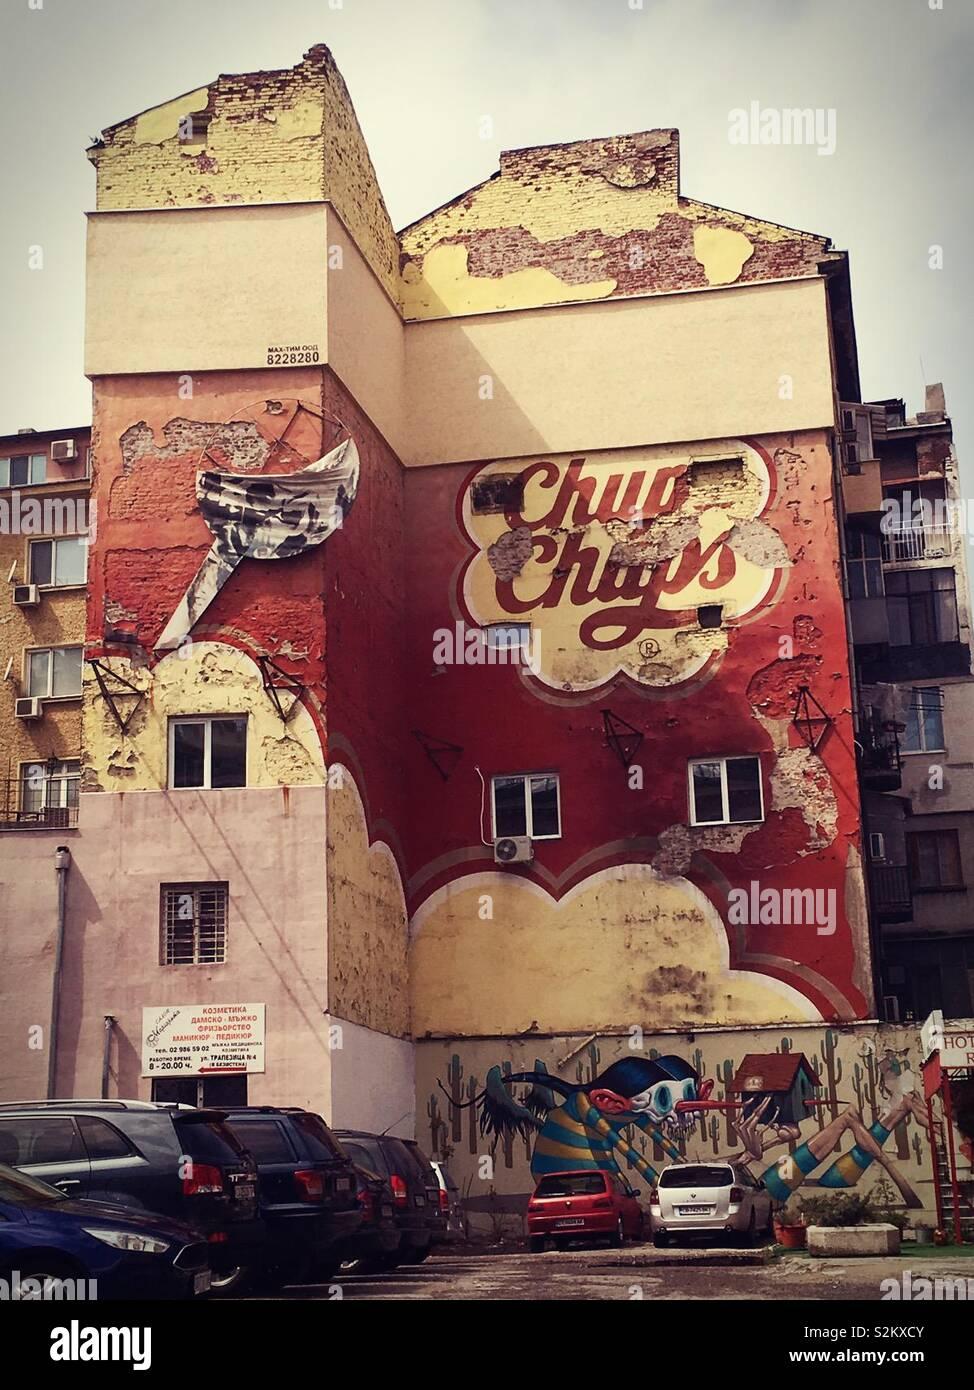 Commercial graffiti in Sofia Stock Photo